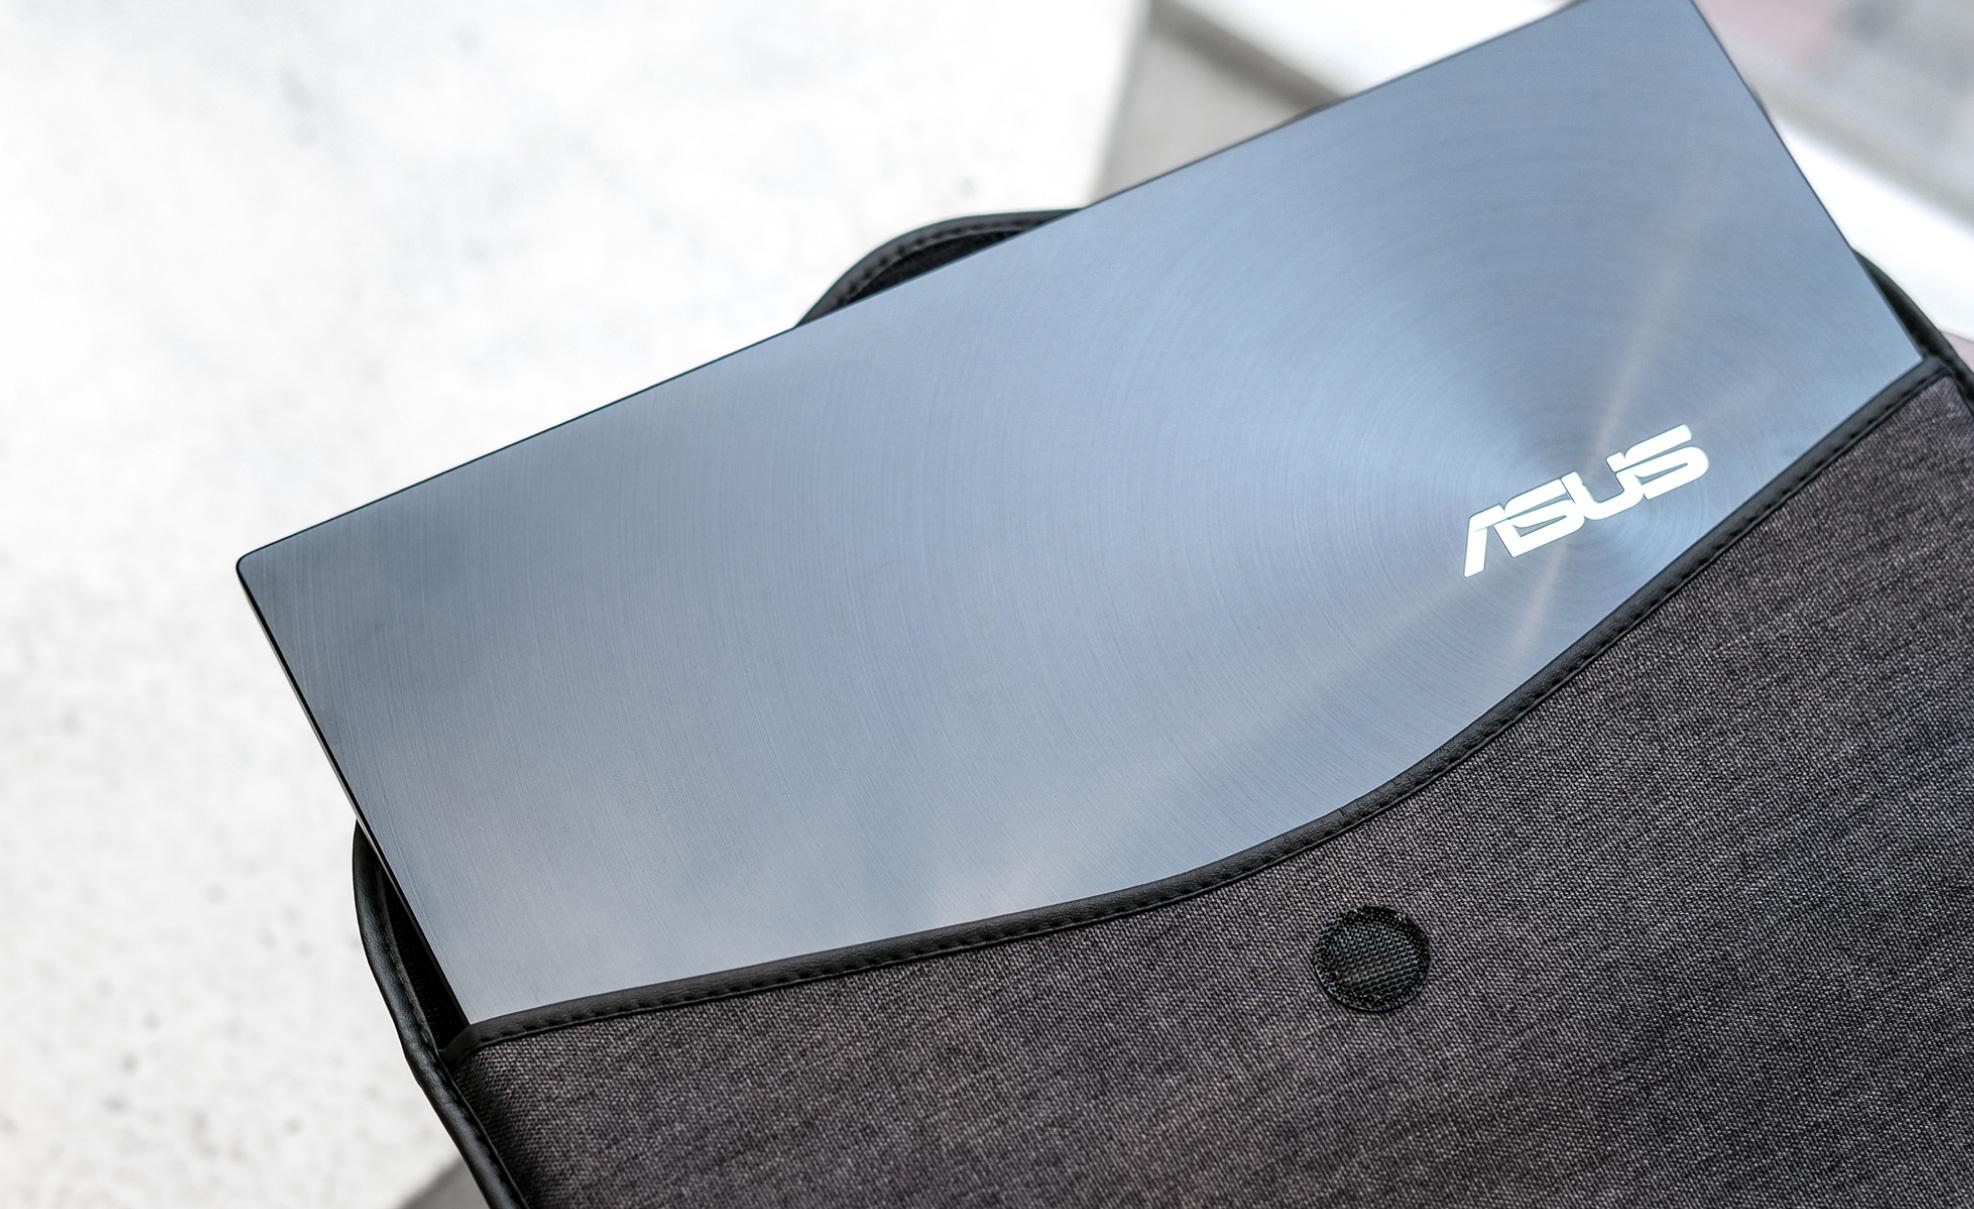 Điểm mặt laptop Asus thế hệ mới: tuyên ngôn sống đầy tự tin năng động mang đậm phong cách công dân thời đại số - Ảnh 4.